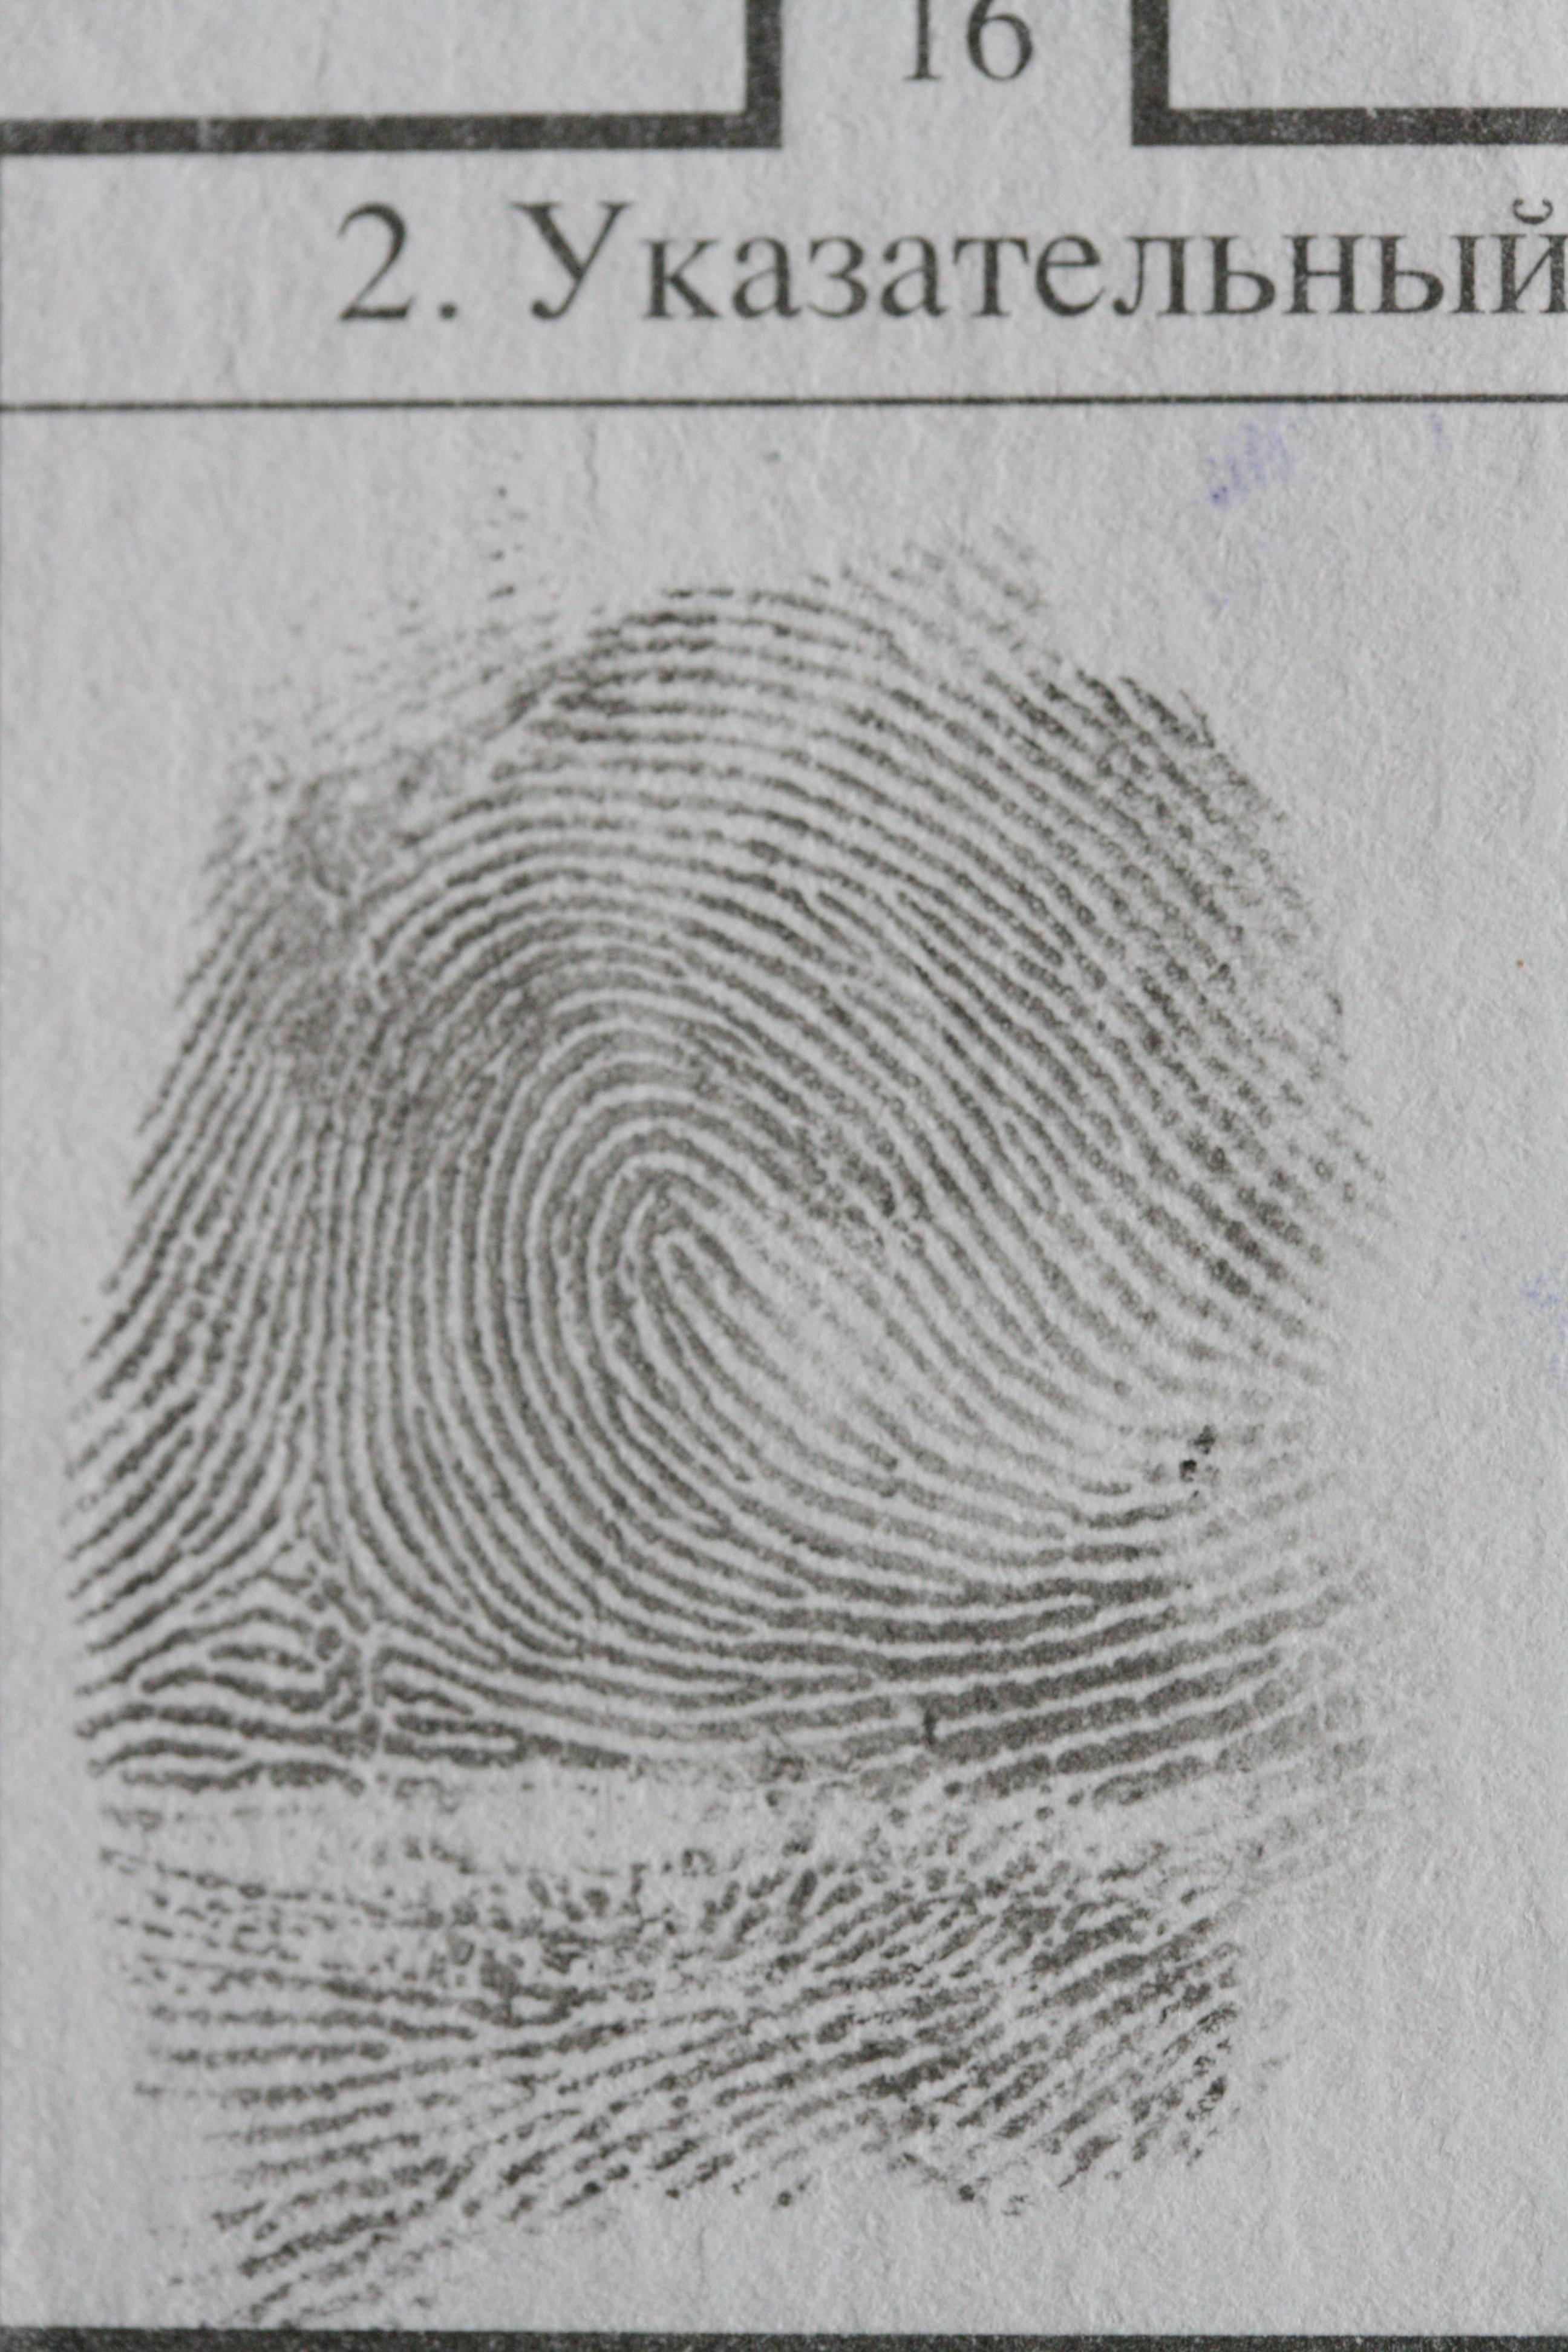 Схематическая зарисовка следа пальца фото 953